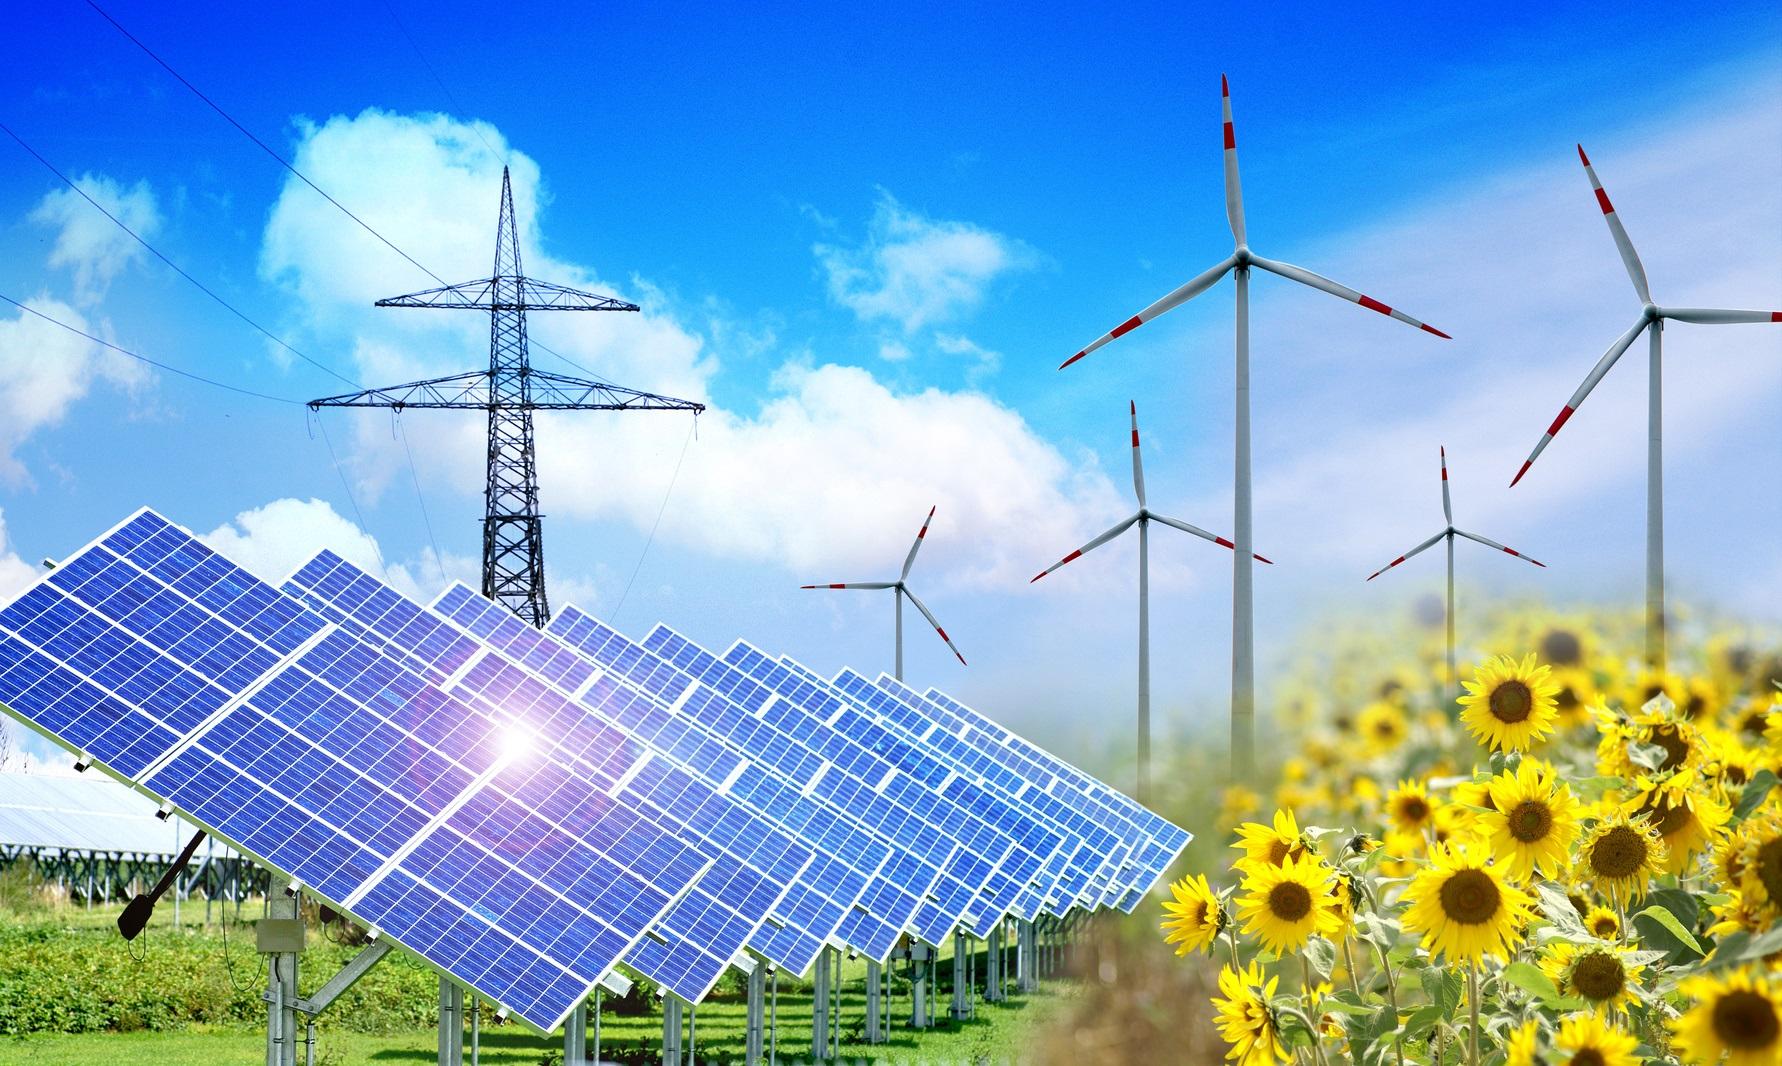 Solarpark, Windräder, Energiefreileitung und Sonnenblumenfeld